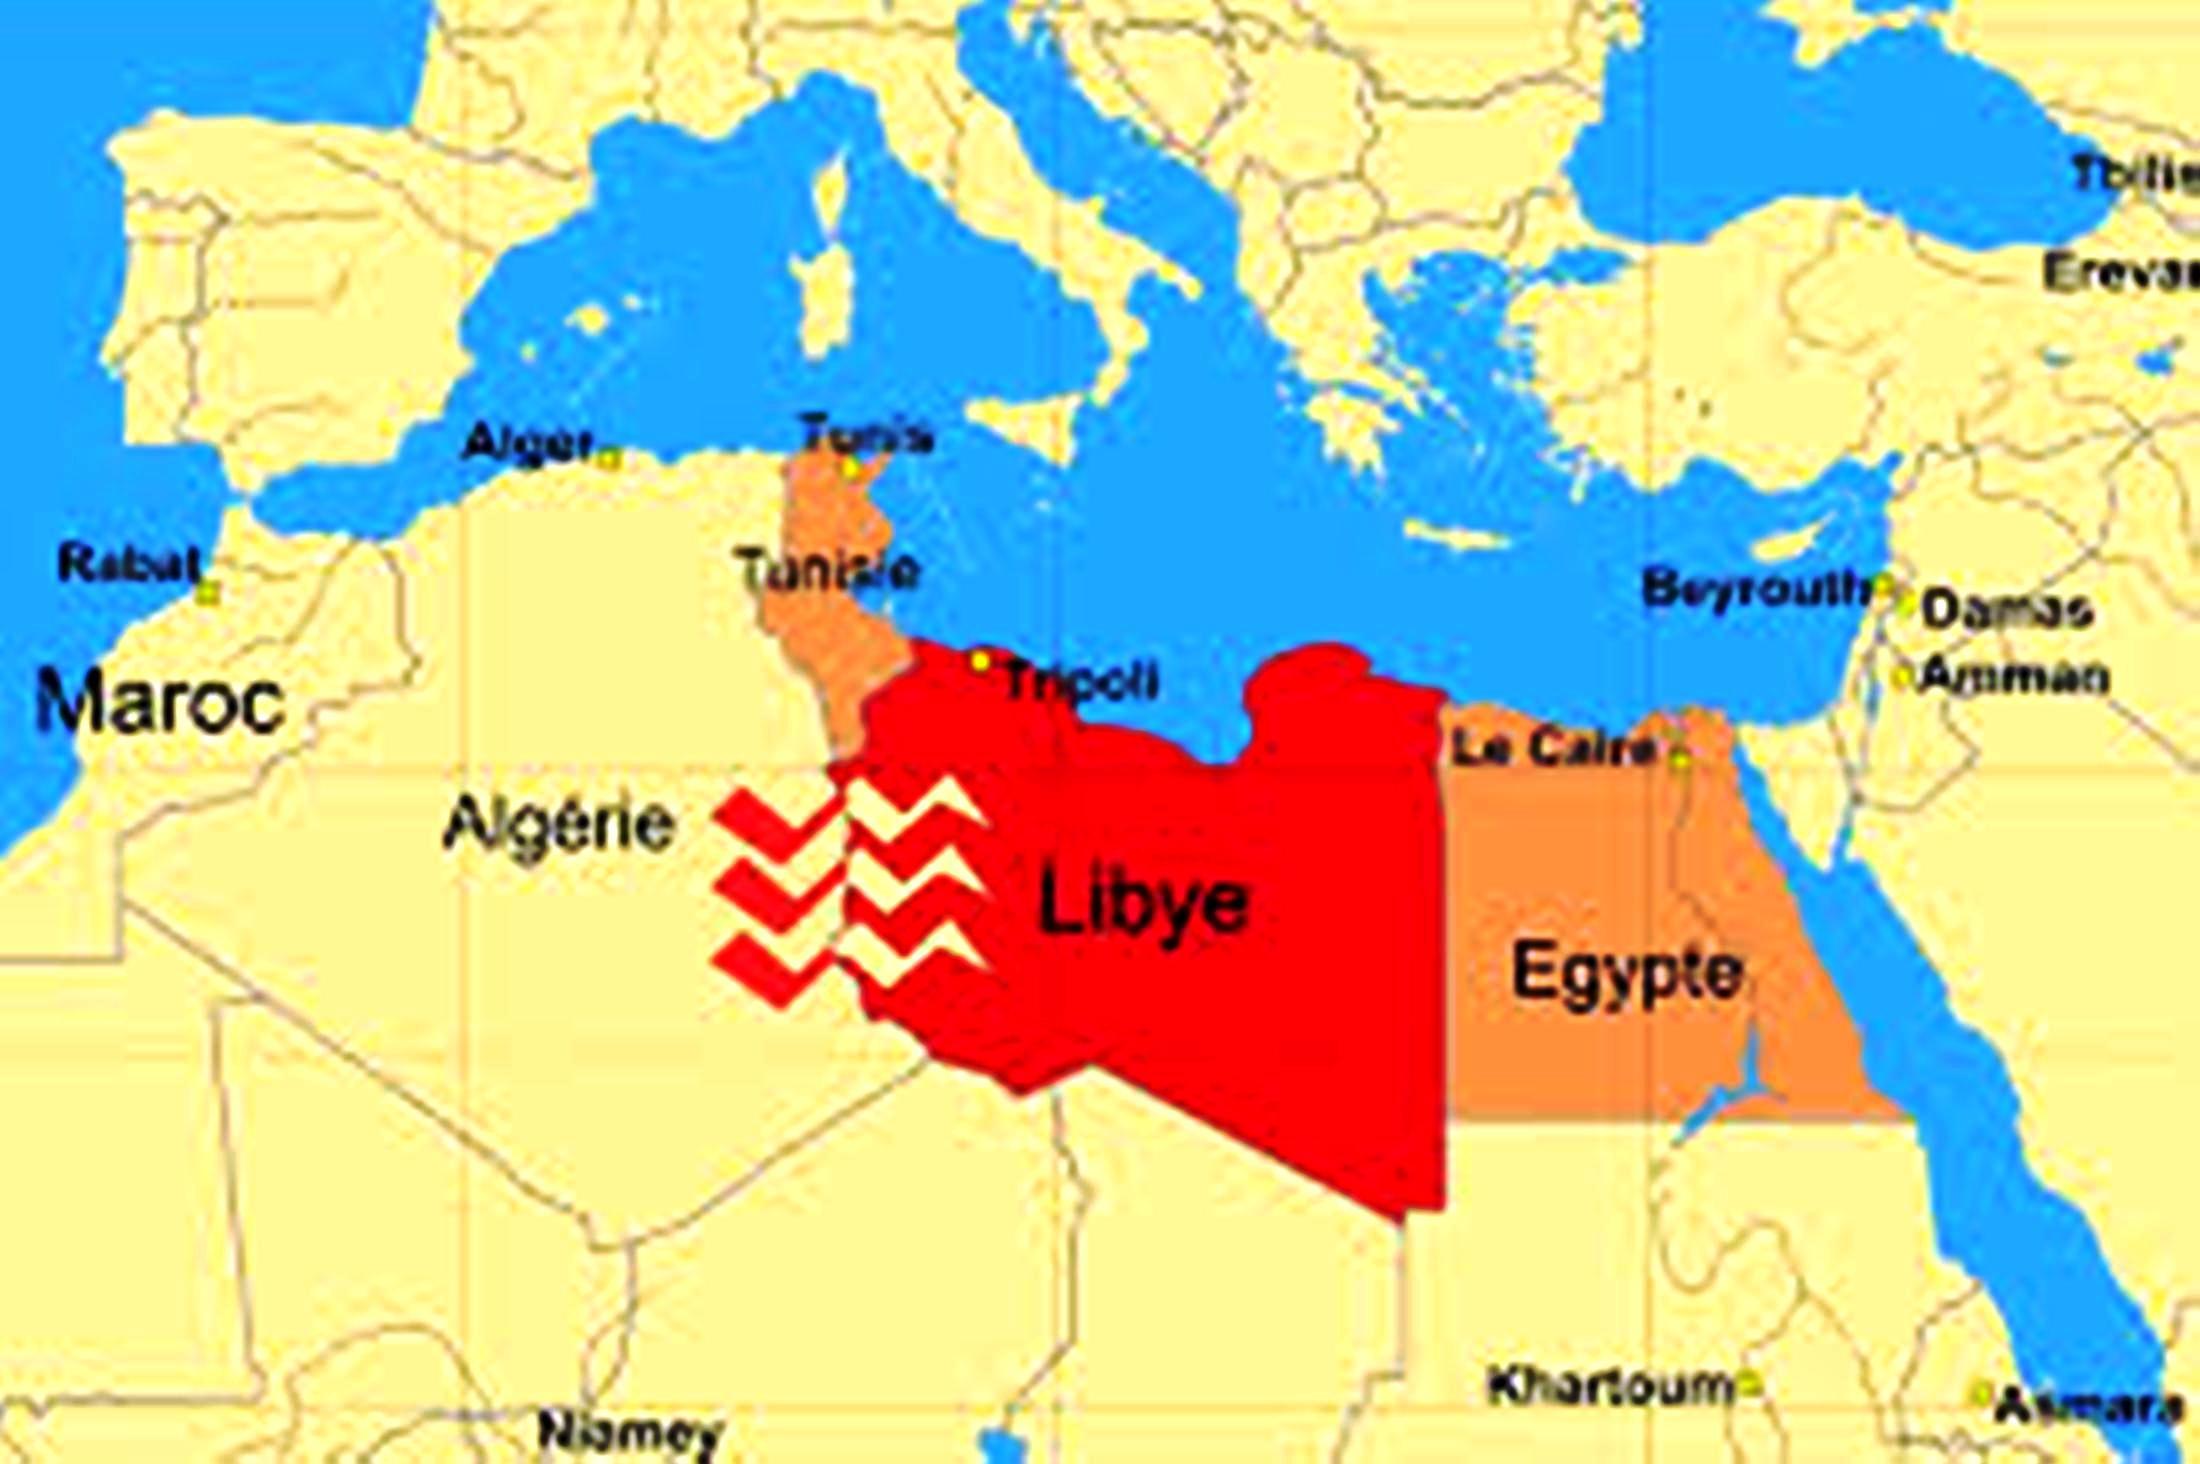 Τι συμβαίνει στη Λιβύη μετά την εκεχειρία – Καμία υποχώρηση – Στις θέσεις τους παραμένουν οι δυνάμεις του Haftar και του GNA